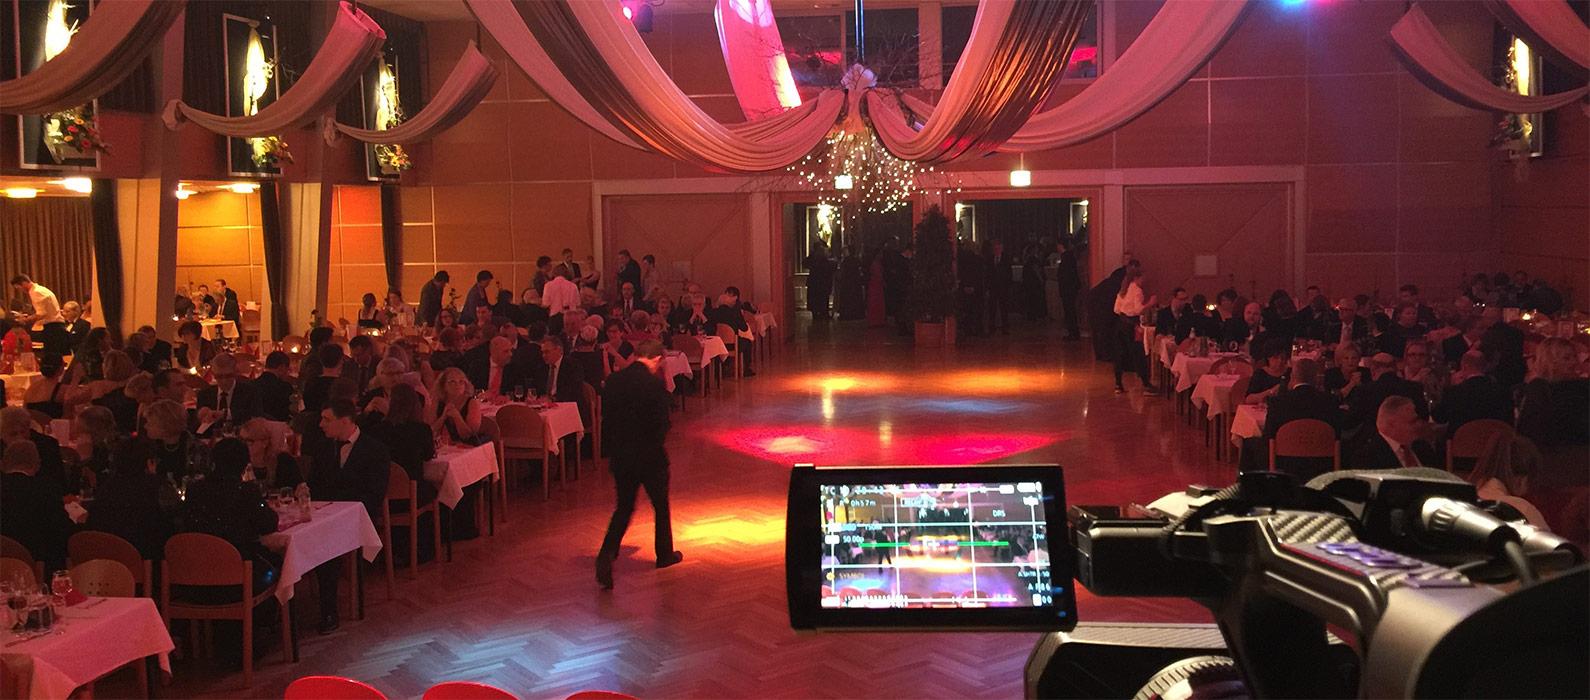 Auf dem Bild ist ein Saal zu sehen, wo offensichtlich gerade ein Ball, eine Hochzeit oder ähnliches stattfindet. Man sieht rechts unten im Bild die Kamera von der alles mitgefilmt wird. Rechts und links sitzen Leute und in der Mitte befindet sich die Tanzfläche.